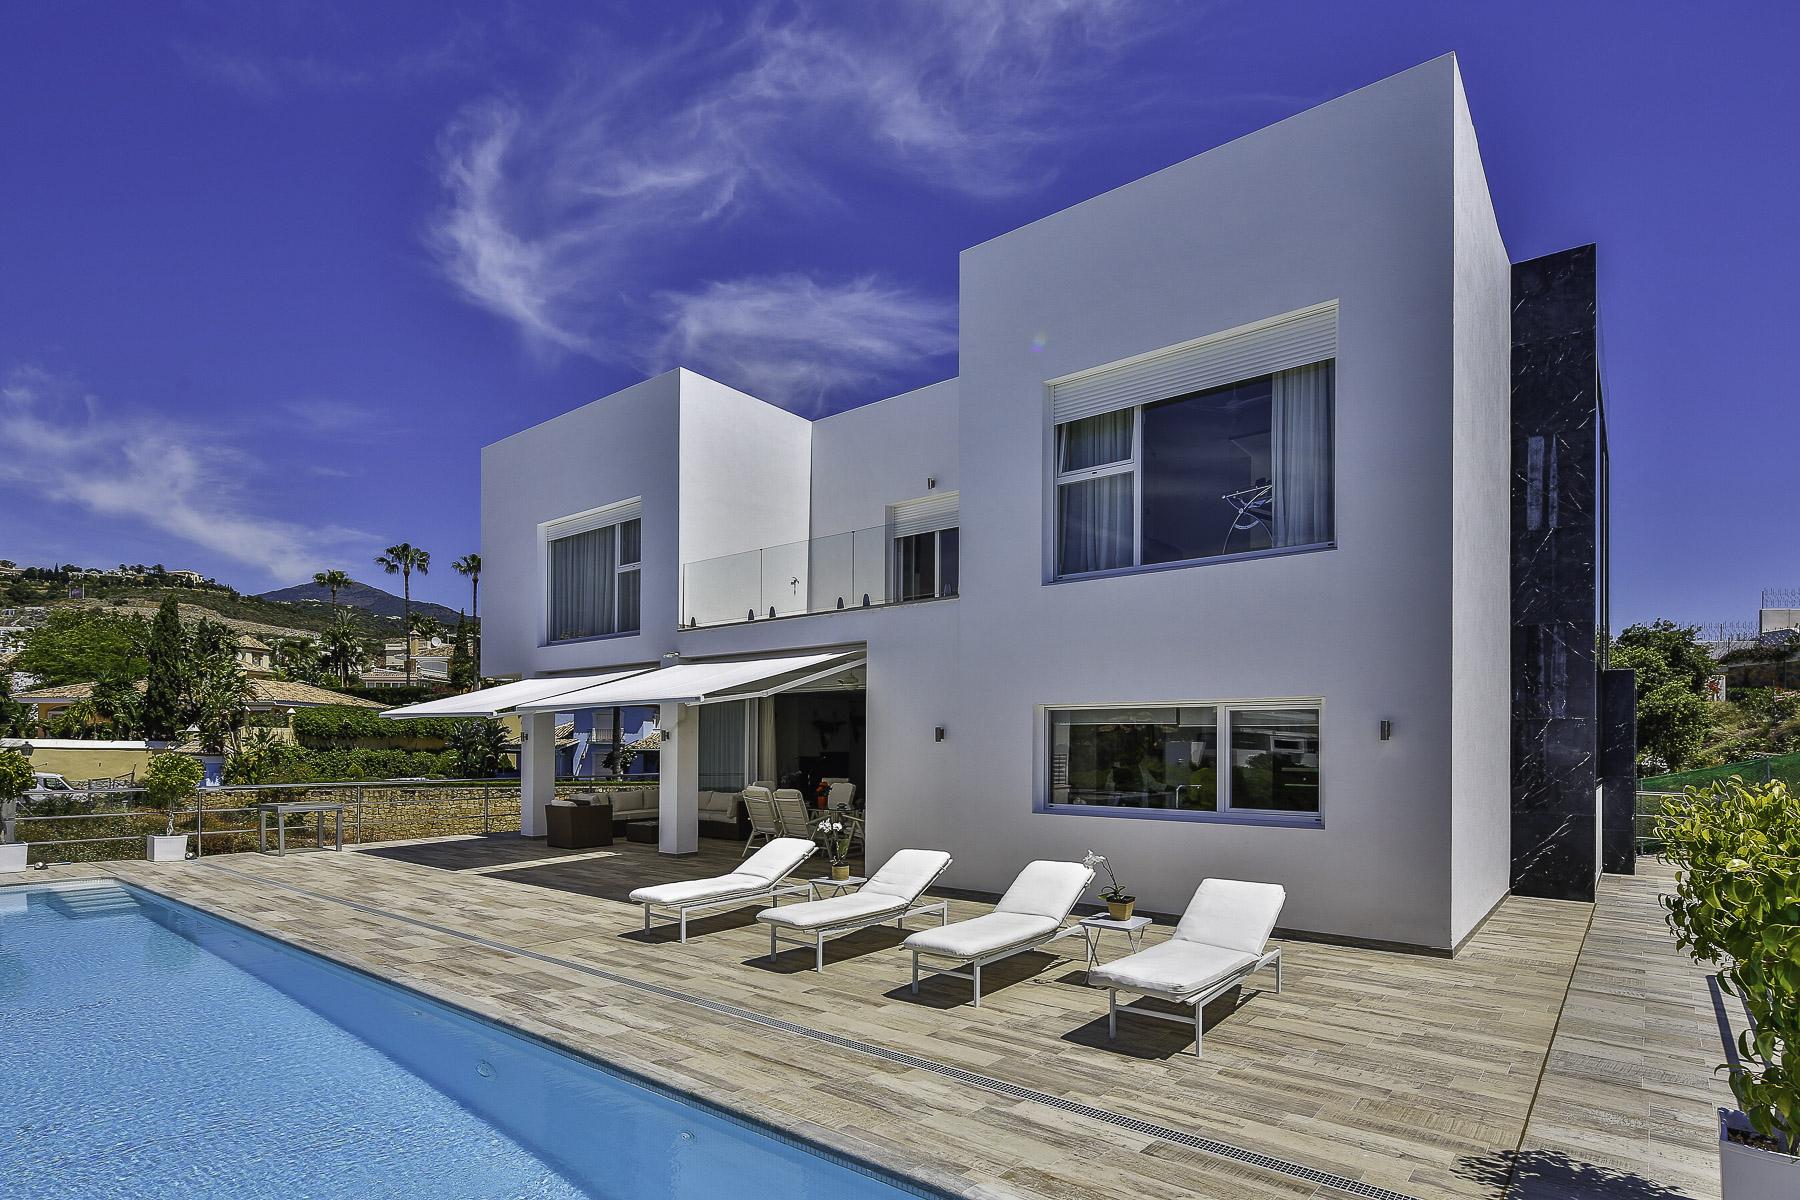 Villa for Sale in La Herradura, Marbella - Puerto Banus